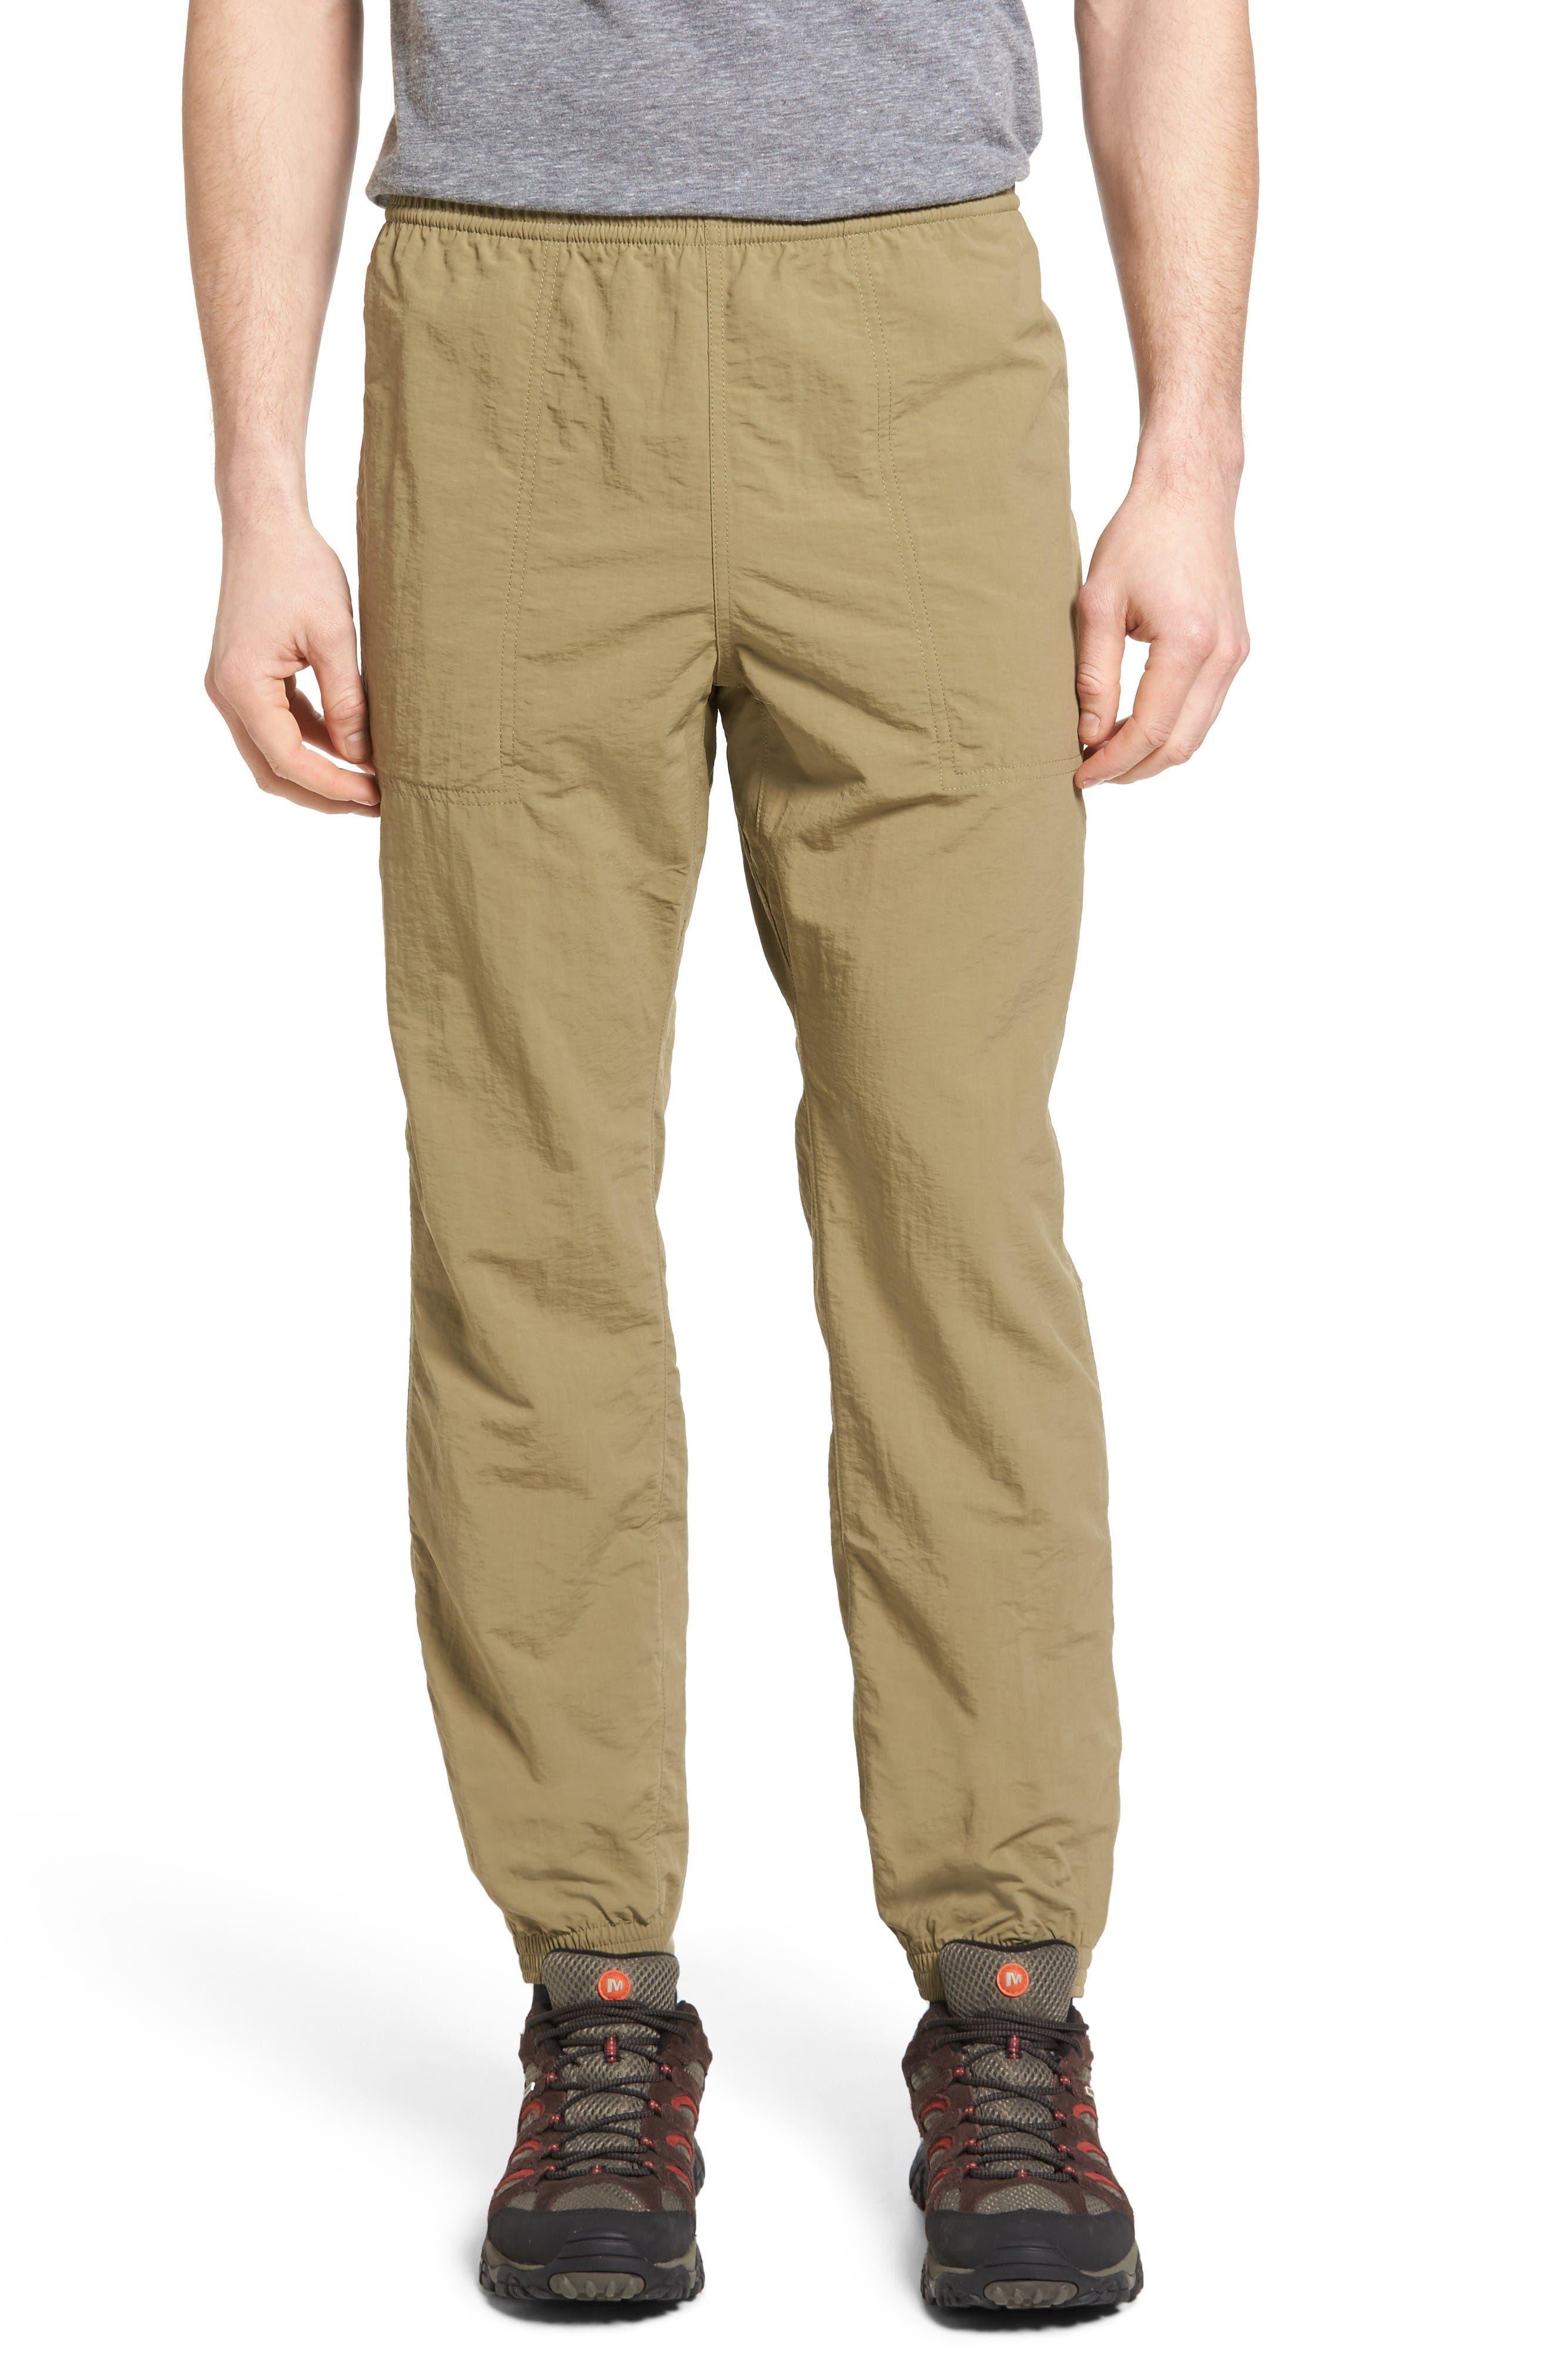 Patagonia Baggies™ Slim Fit Pants